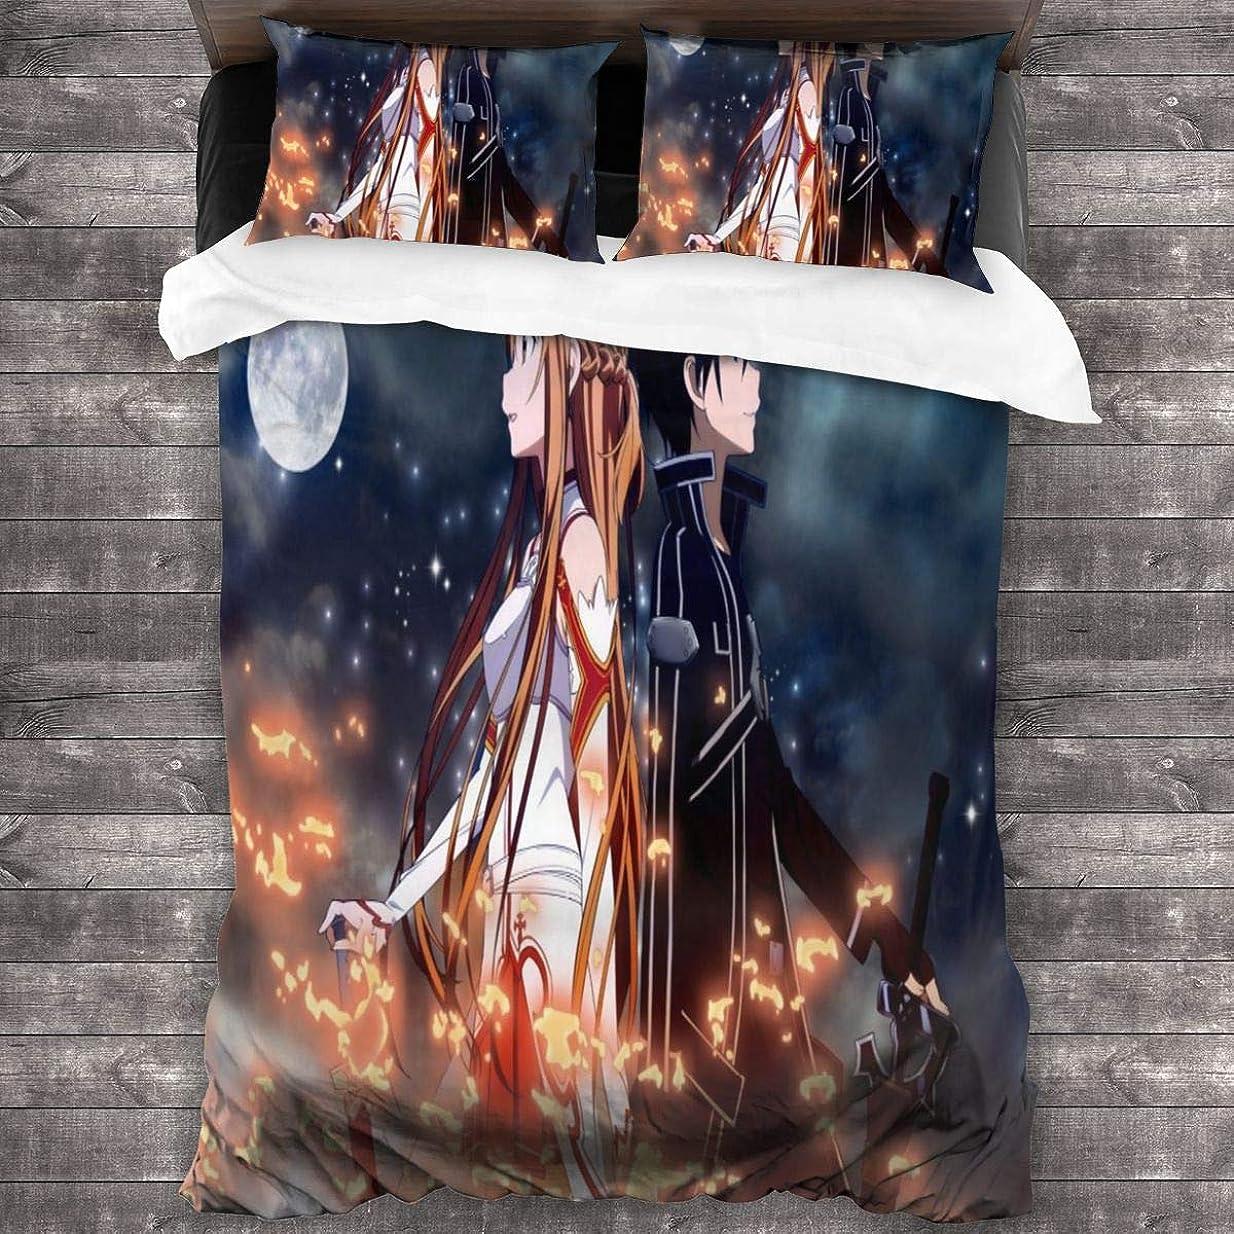 答え宇宙飛行士市民Sword Art Online 子供 布団カバー 3 点セット 掛けふとんカバー ベッド用 ボックスシーツ 和式兼用 寝具カバー 洗い替え 防ダニ